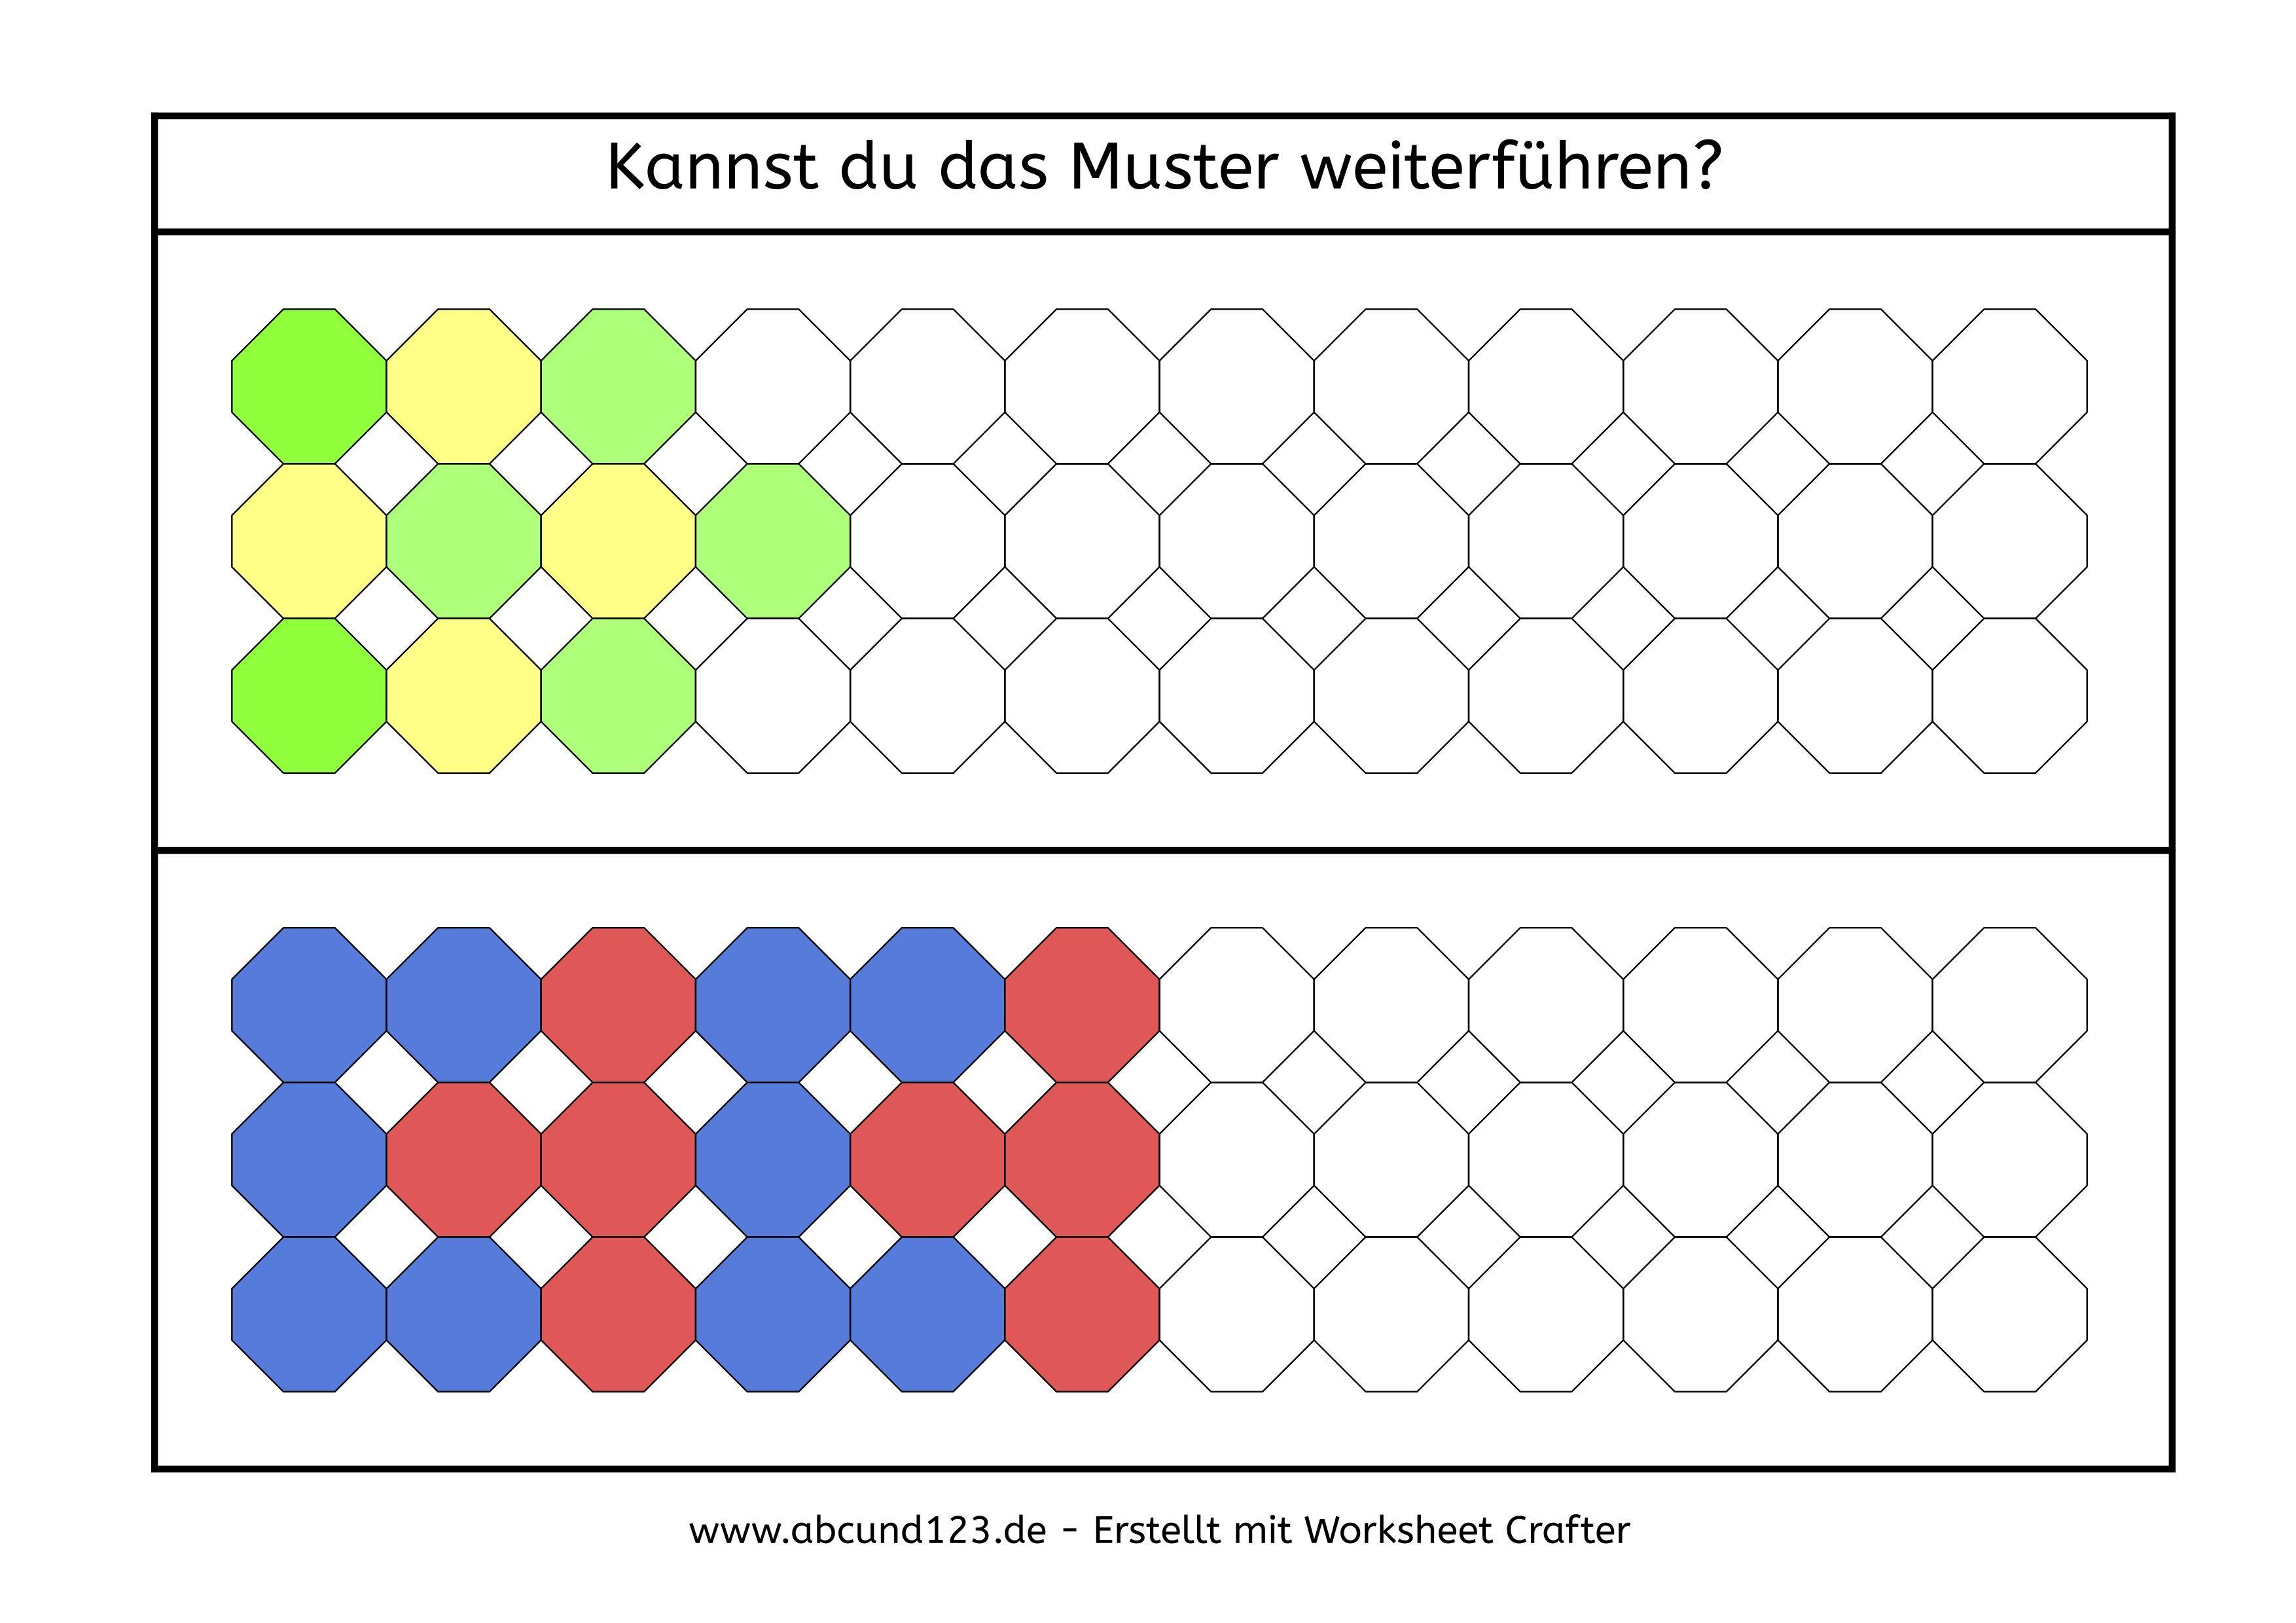 Muster Erkennen Und Weiterfuhren Muster Optische